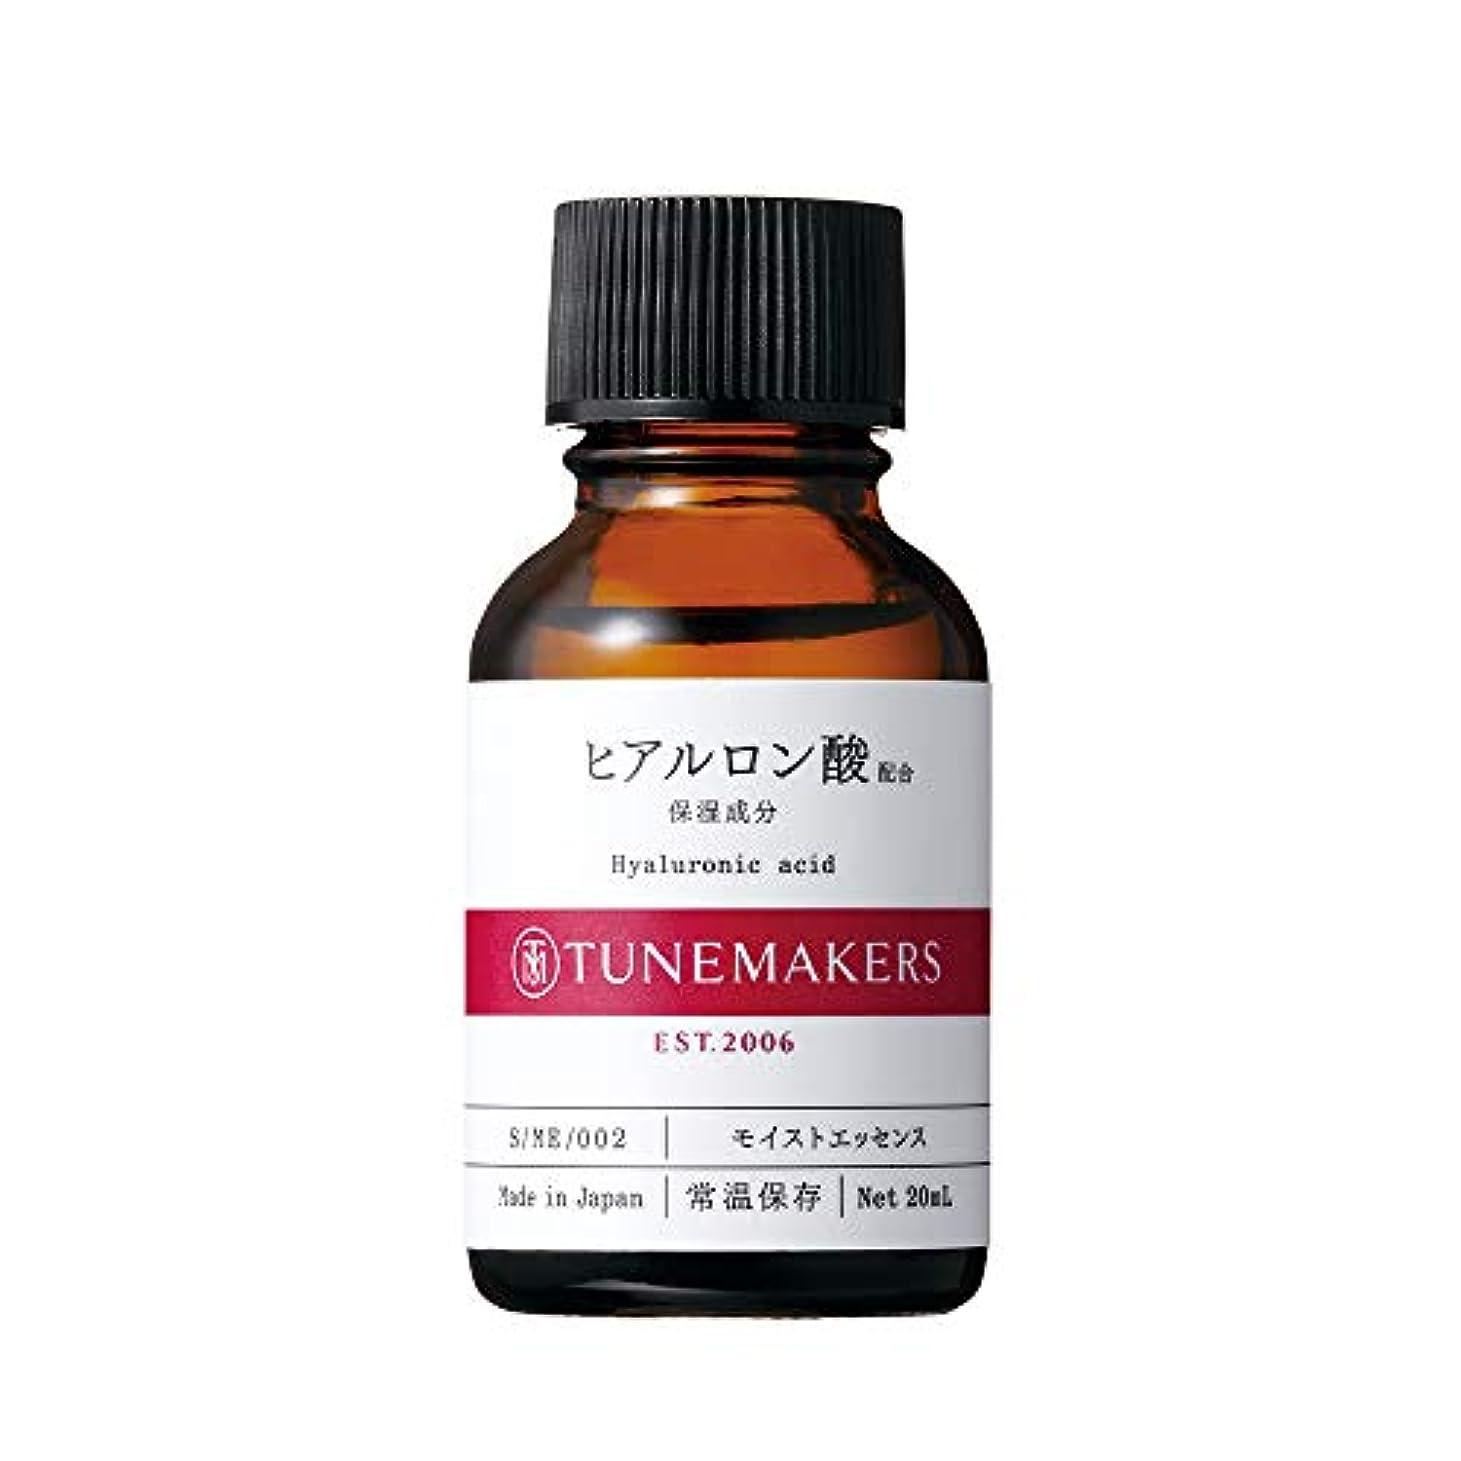 熱心な連結する症候群TUNEMAKERS(チューンメーカーズ) ヒアルロン酸 美容液 20ml